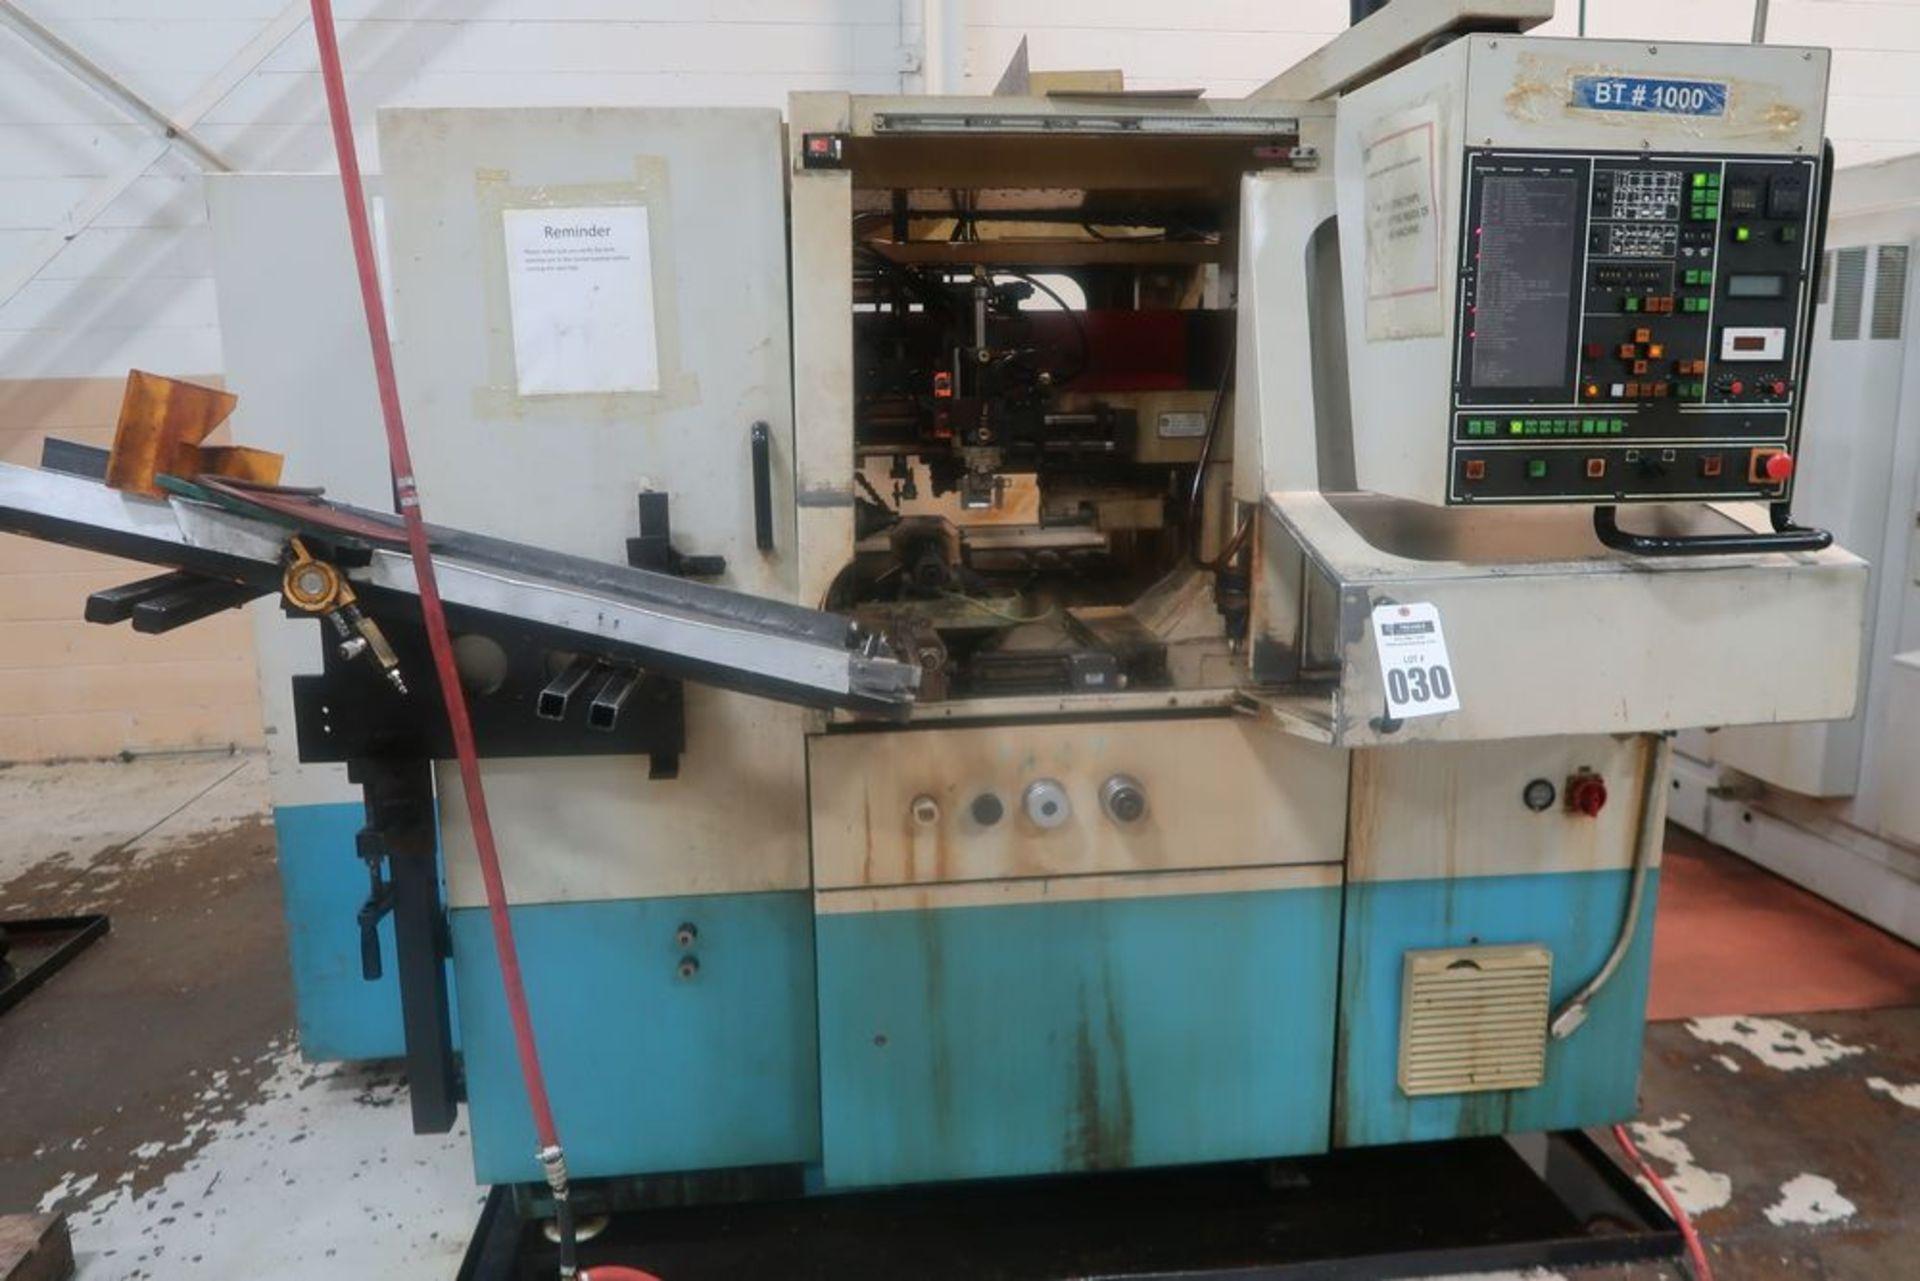 Koepfer 180 SPS/M Gear Hobber, S/N 180001